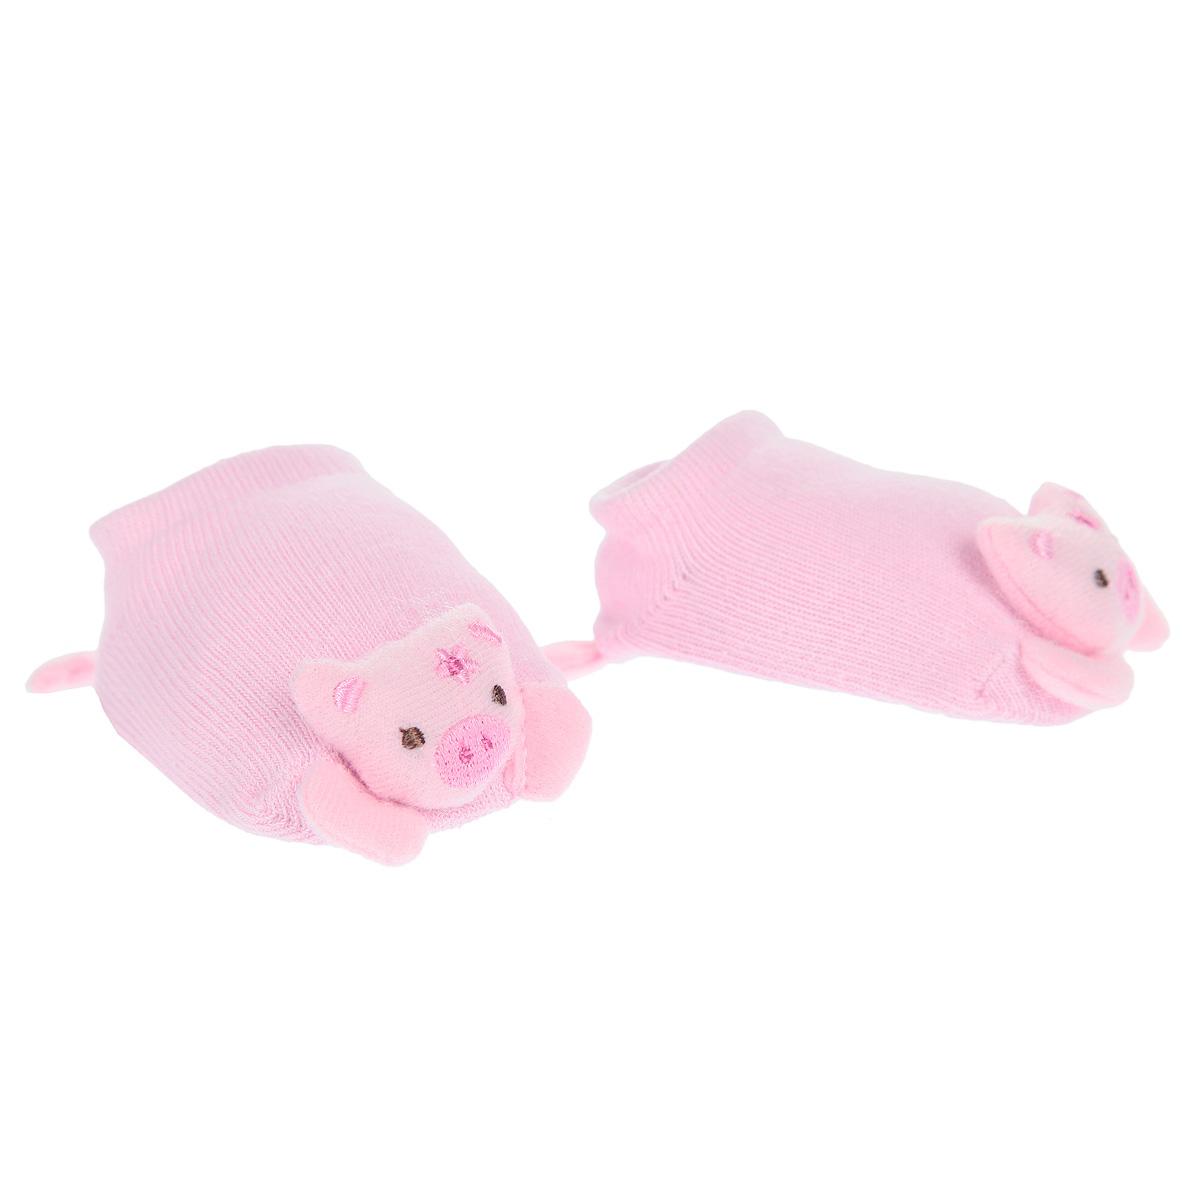 Носки детские. XY1205XY1205Комфортные, красивые и прочные детские носки Skidders очень мягкие на ощупь, а эластичная низкая резинка плотно облегает ножку ребенка, не сдавливая ее, благодаря чему малышу будет комфортно и удобно. Носочки хорошо тянутся, не деформируясь. На стопе расположены прорезиненные элементы, которые предотвращают скольжение на полу. Носочки выполнены в виде забавных поросят.